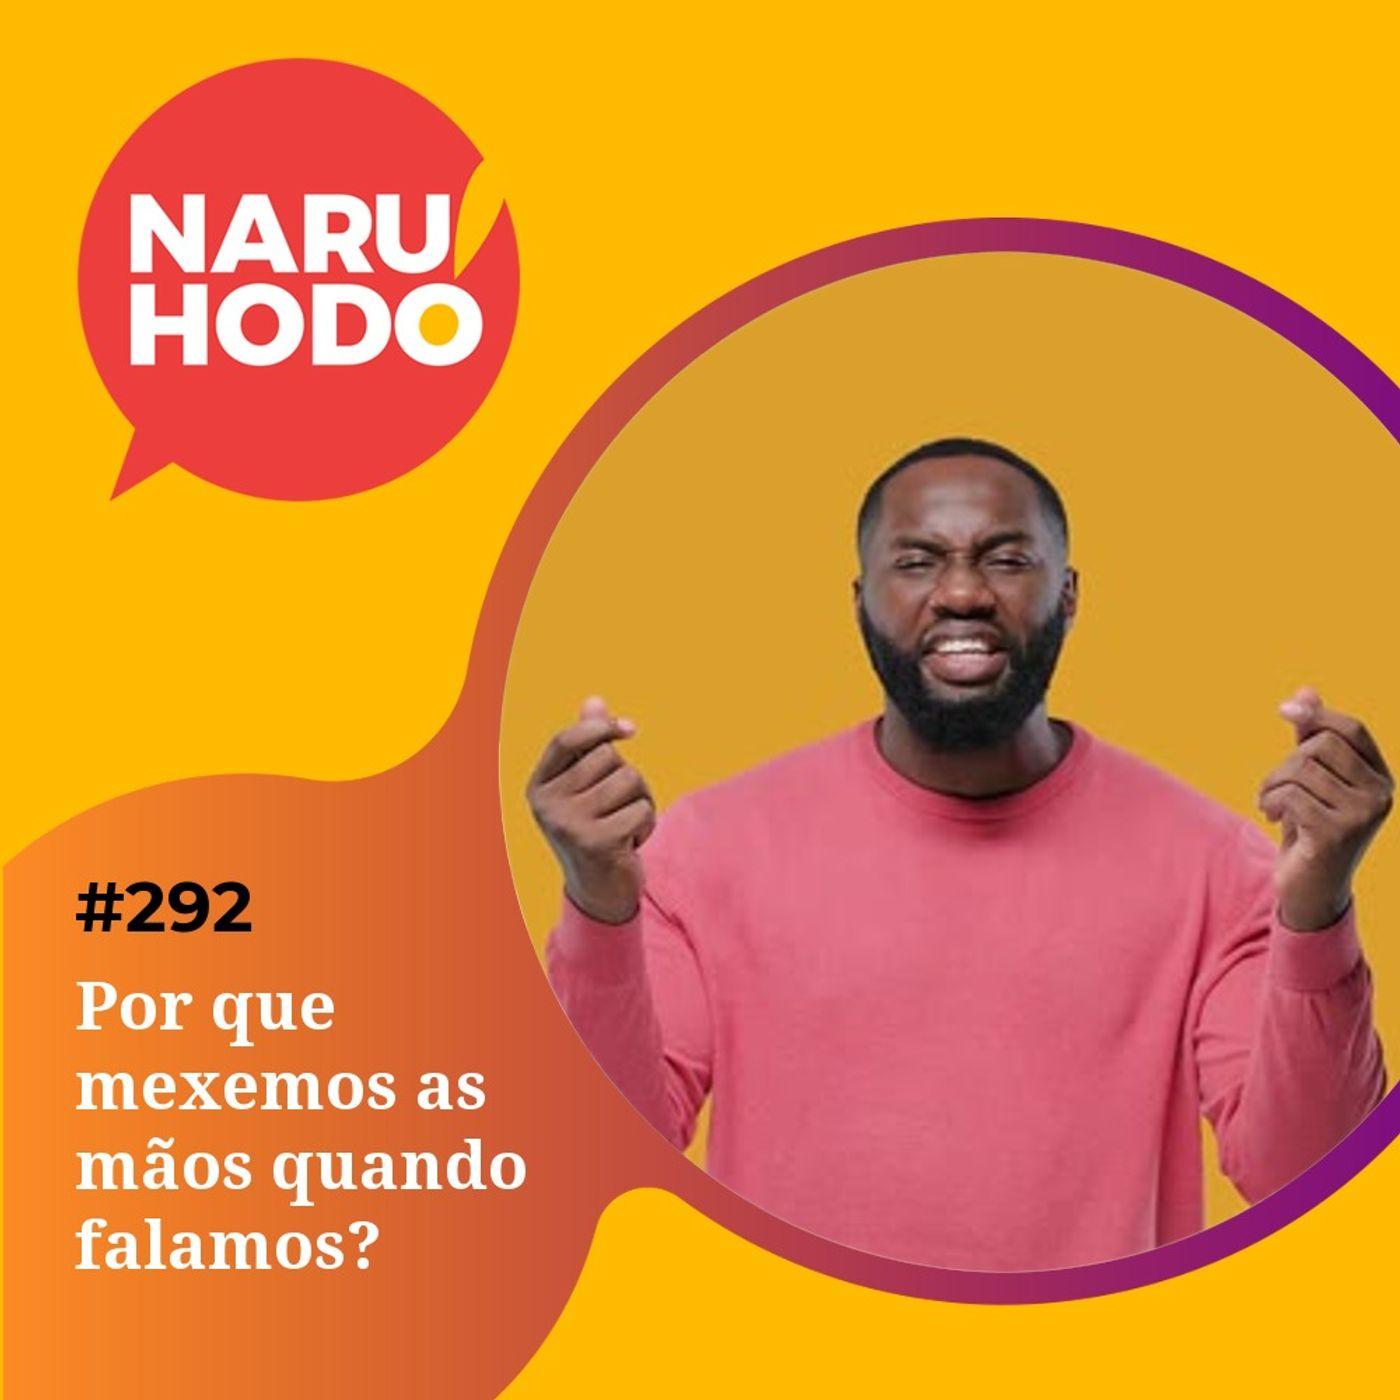 Naruhodo #292 - Por que mexemos as mãos quando falamos?